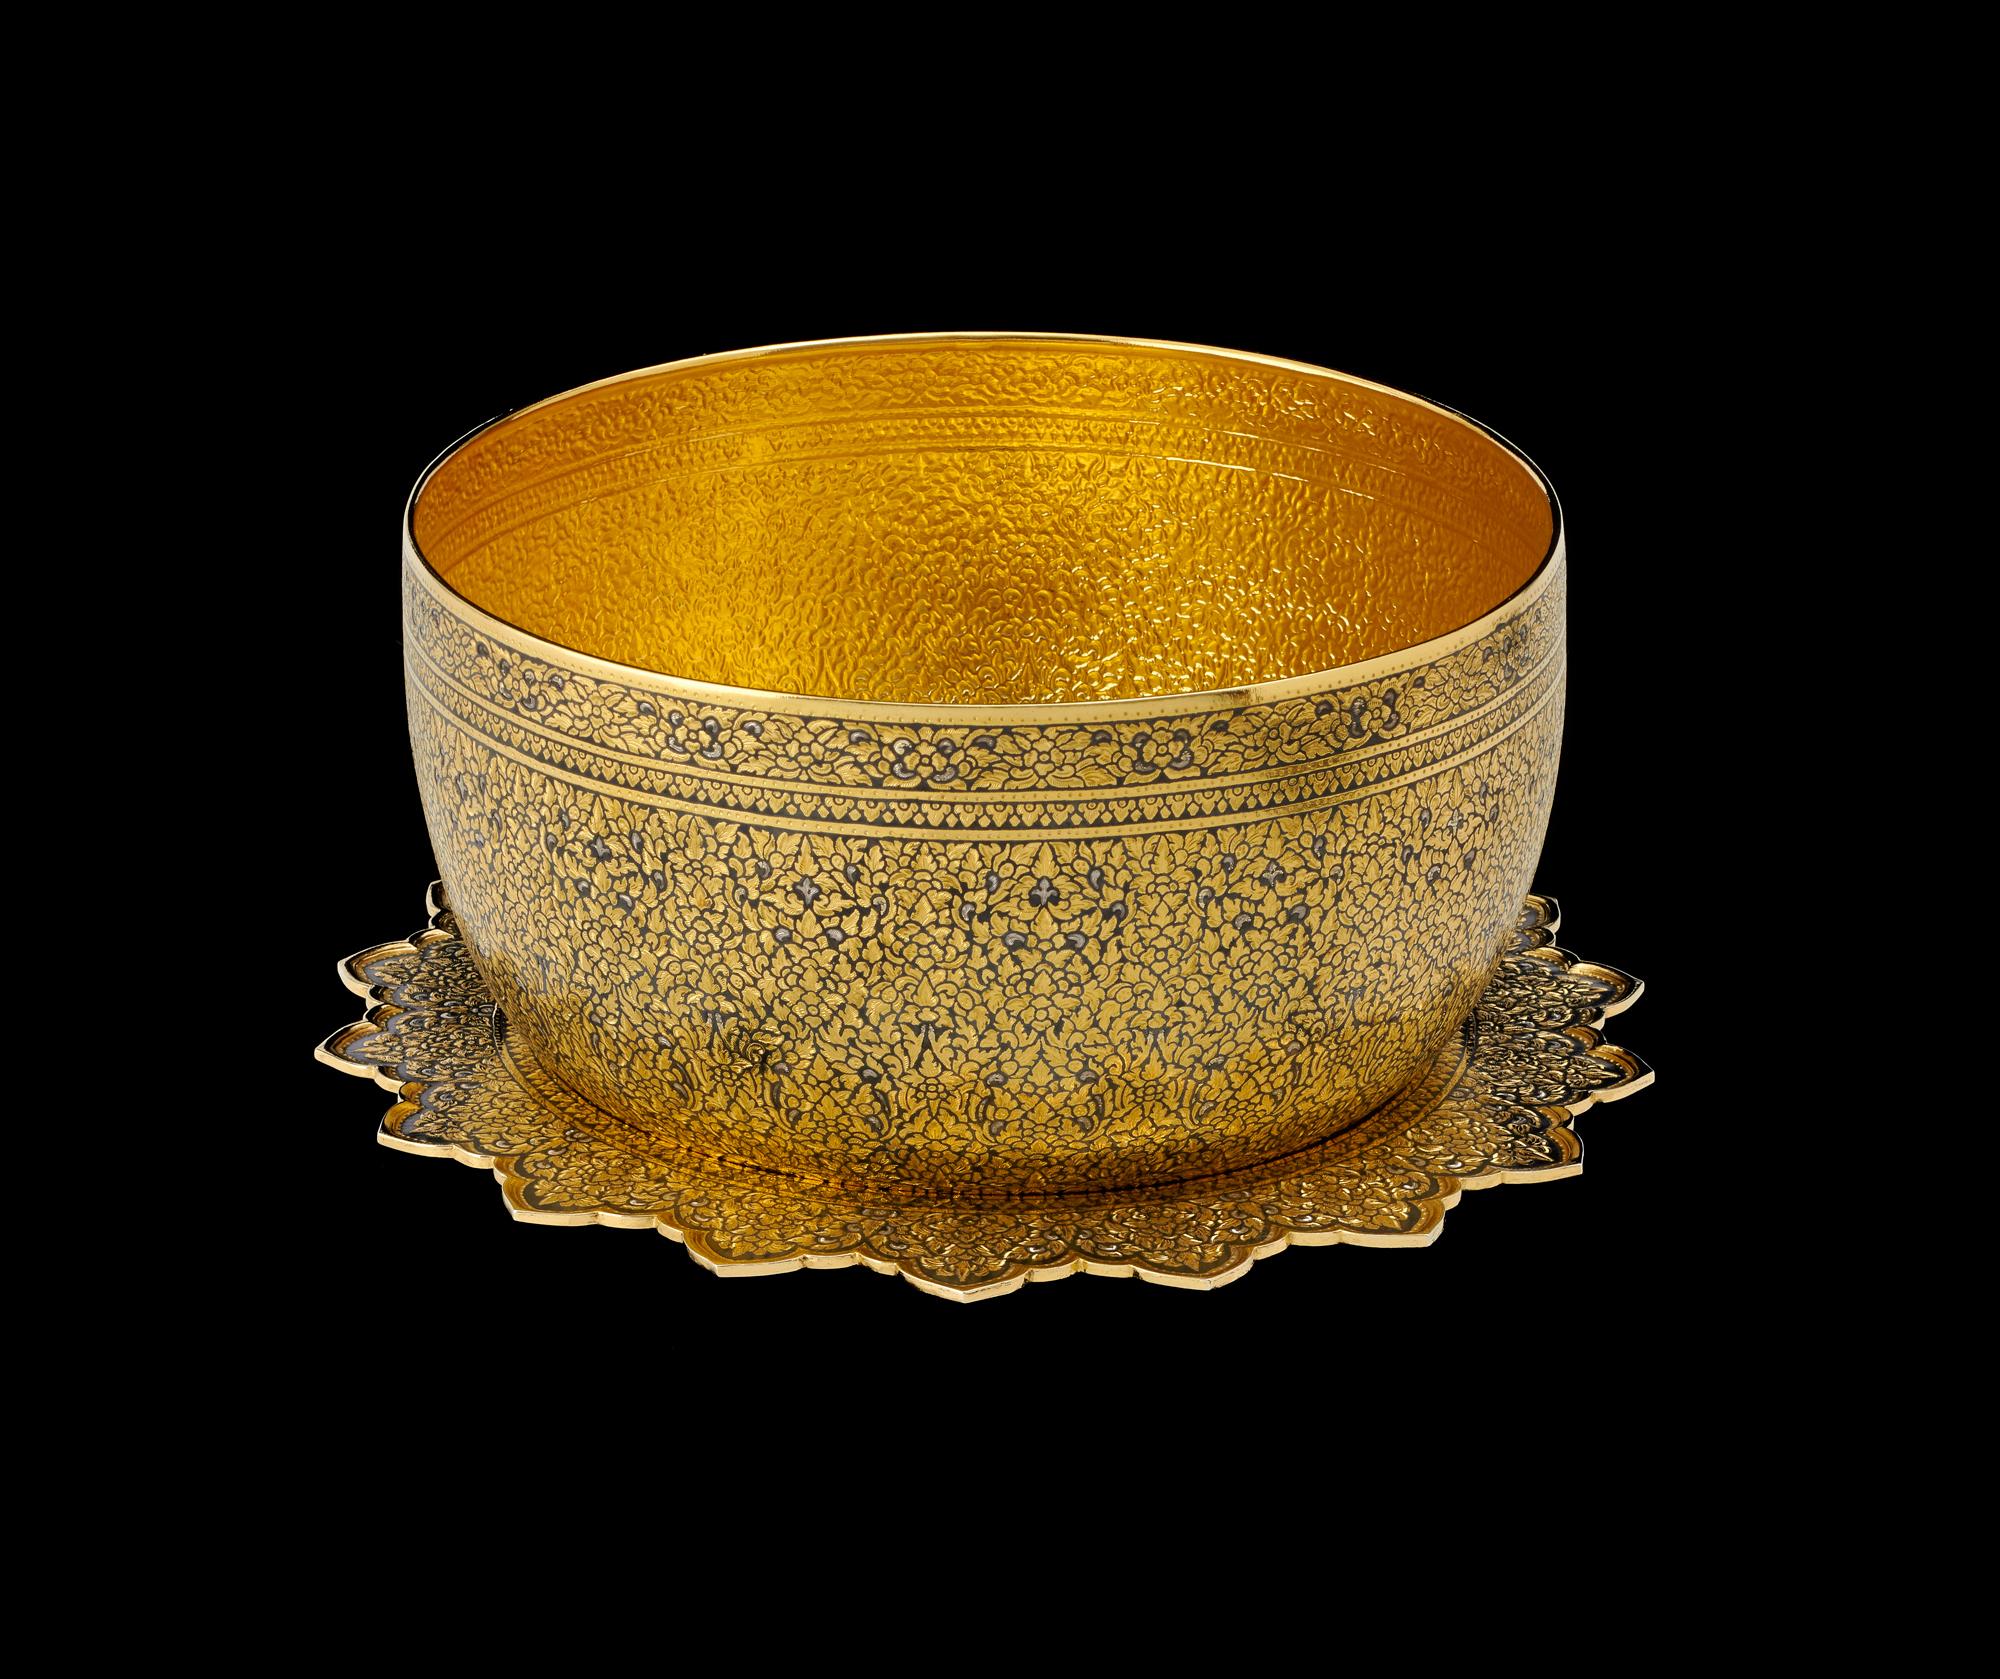 Gold Niello Bowl and Tray Gift from Queen Sirikit to President George H.W. Bush and First Lady Barbara Bush, 1991 18 x 11.5 cm Courtesy of the George Bush Presidential Library and Museum; 91.70108.6  ขันน้ำพร้อมพานถมทอง ลายพุดตานใบเทศ ของขวัญพระราชทานจากสมเด็จพระนางเจ้าสิริกิติ์ พระบรมราชินีนาถ แก่ประธานาธิบดีจอร์จ เอช. ดับเบิลยู. บุช และนางบาร์บารา บุช สุภาพสตรีหมายเลขหนึ่ง พ.ศ. ๒๕๓๔ ๑๘ x ๑๑.๕ ซม. ได้รับความอนุเคราะห์จากพิพิธภัณฑ์และหอสมุดประธานาธิบดีจอร์จ บุช; 91.70108.6